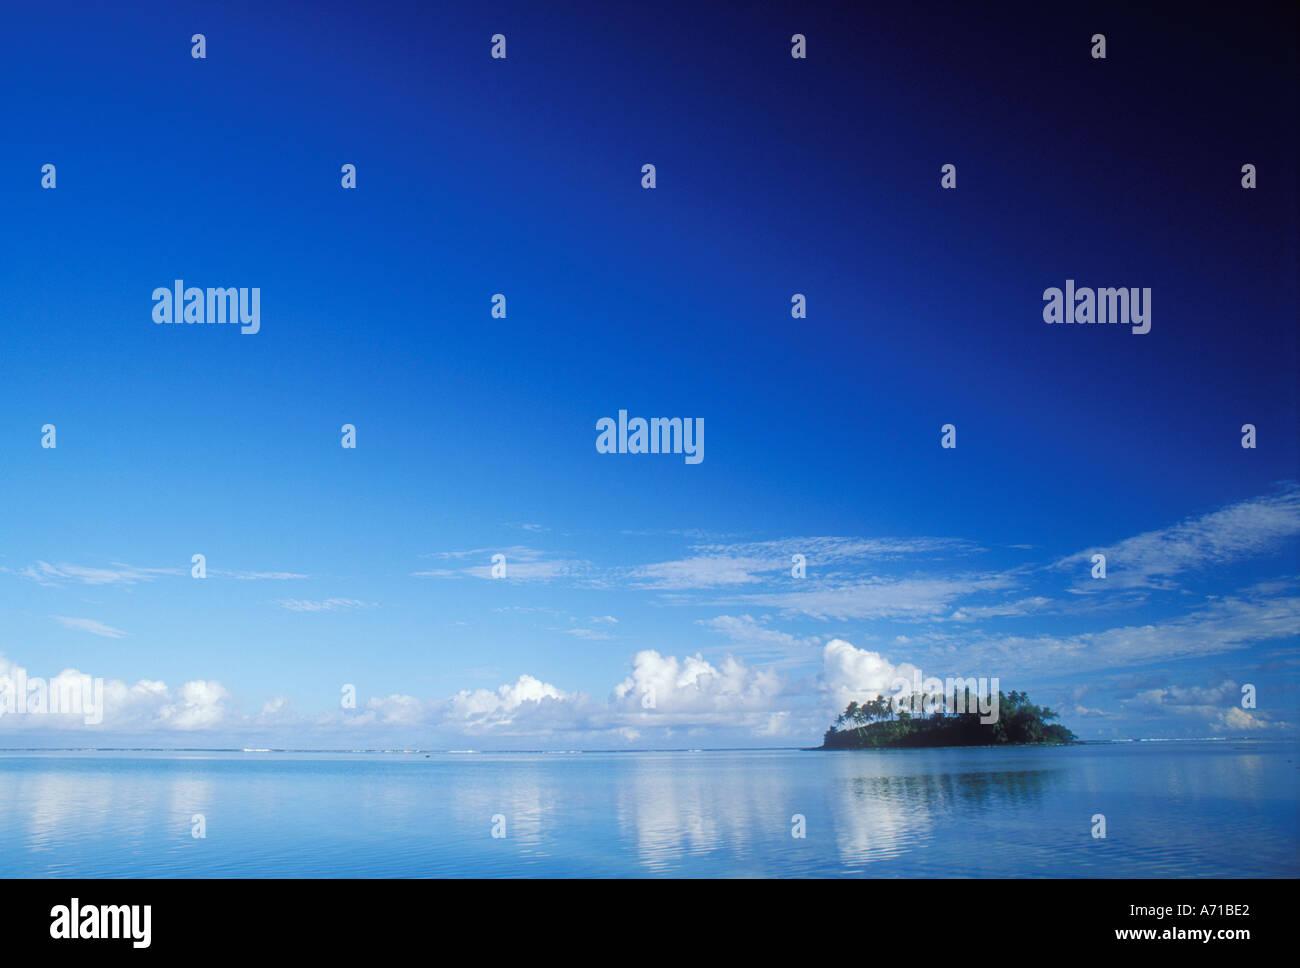 Piccola isola tropicale all'orizzonte in Isole Cook Oceano Pacifico del Sud Immagini Stock